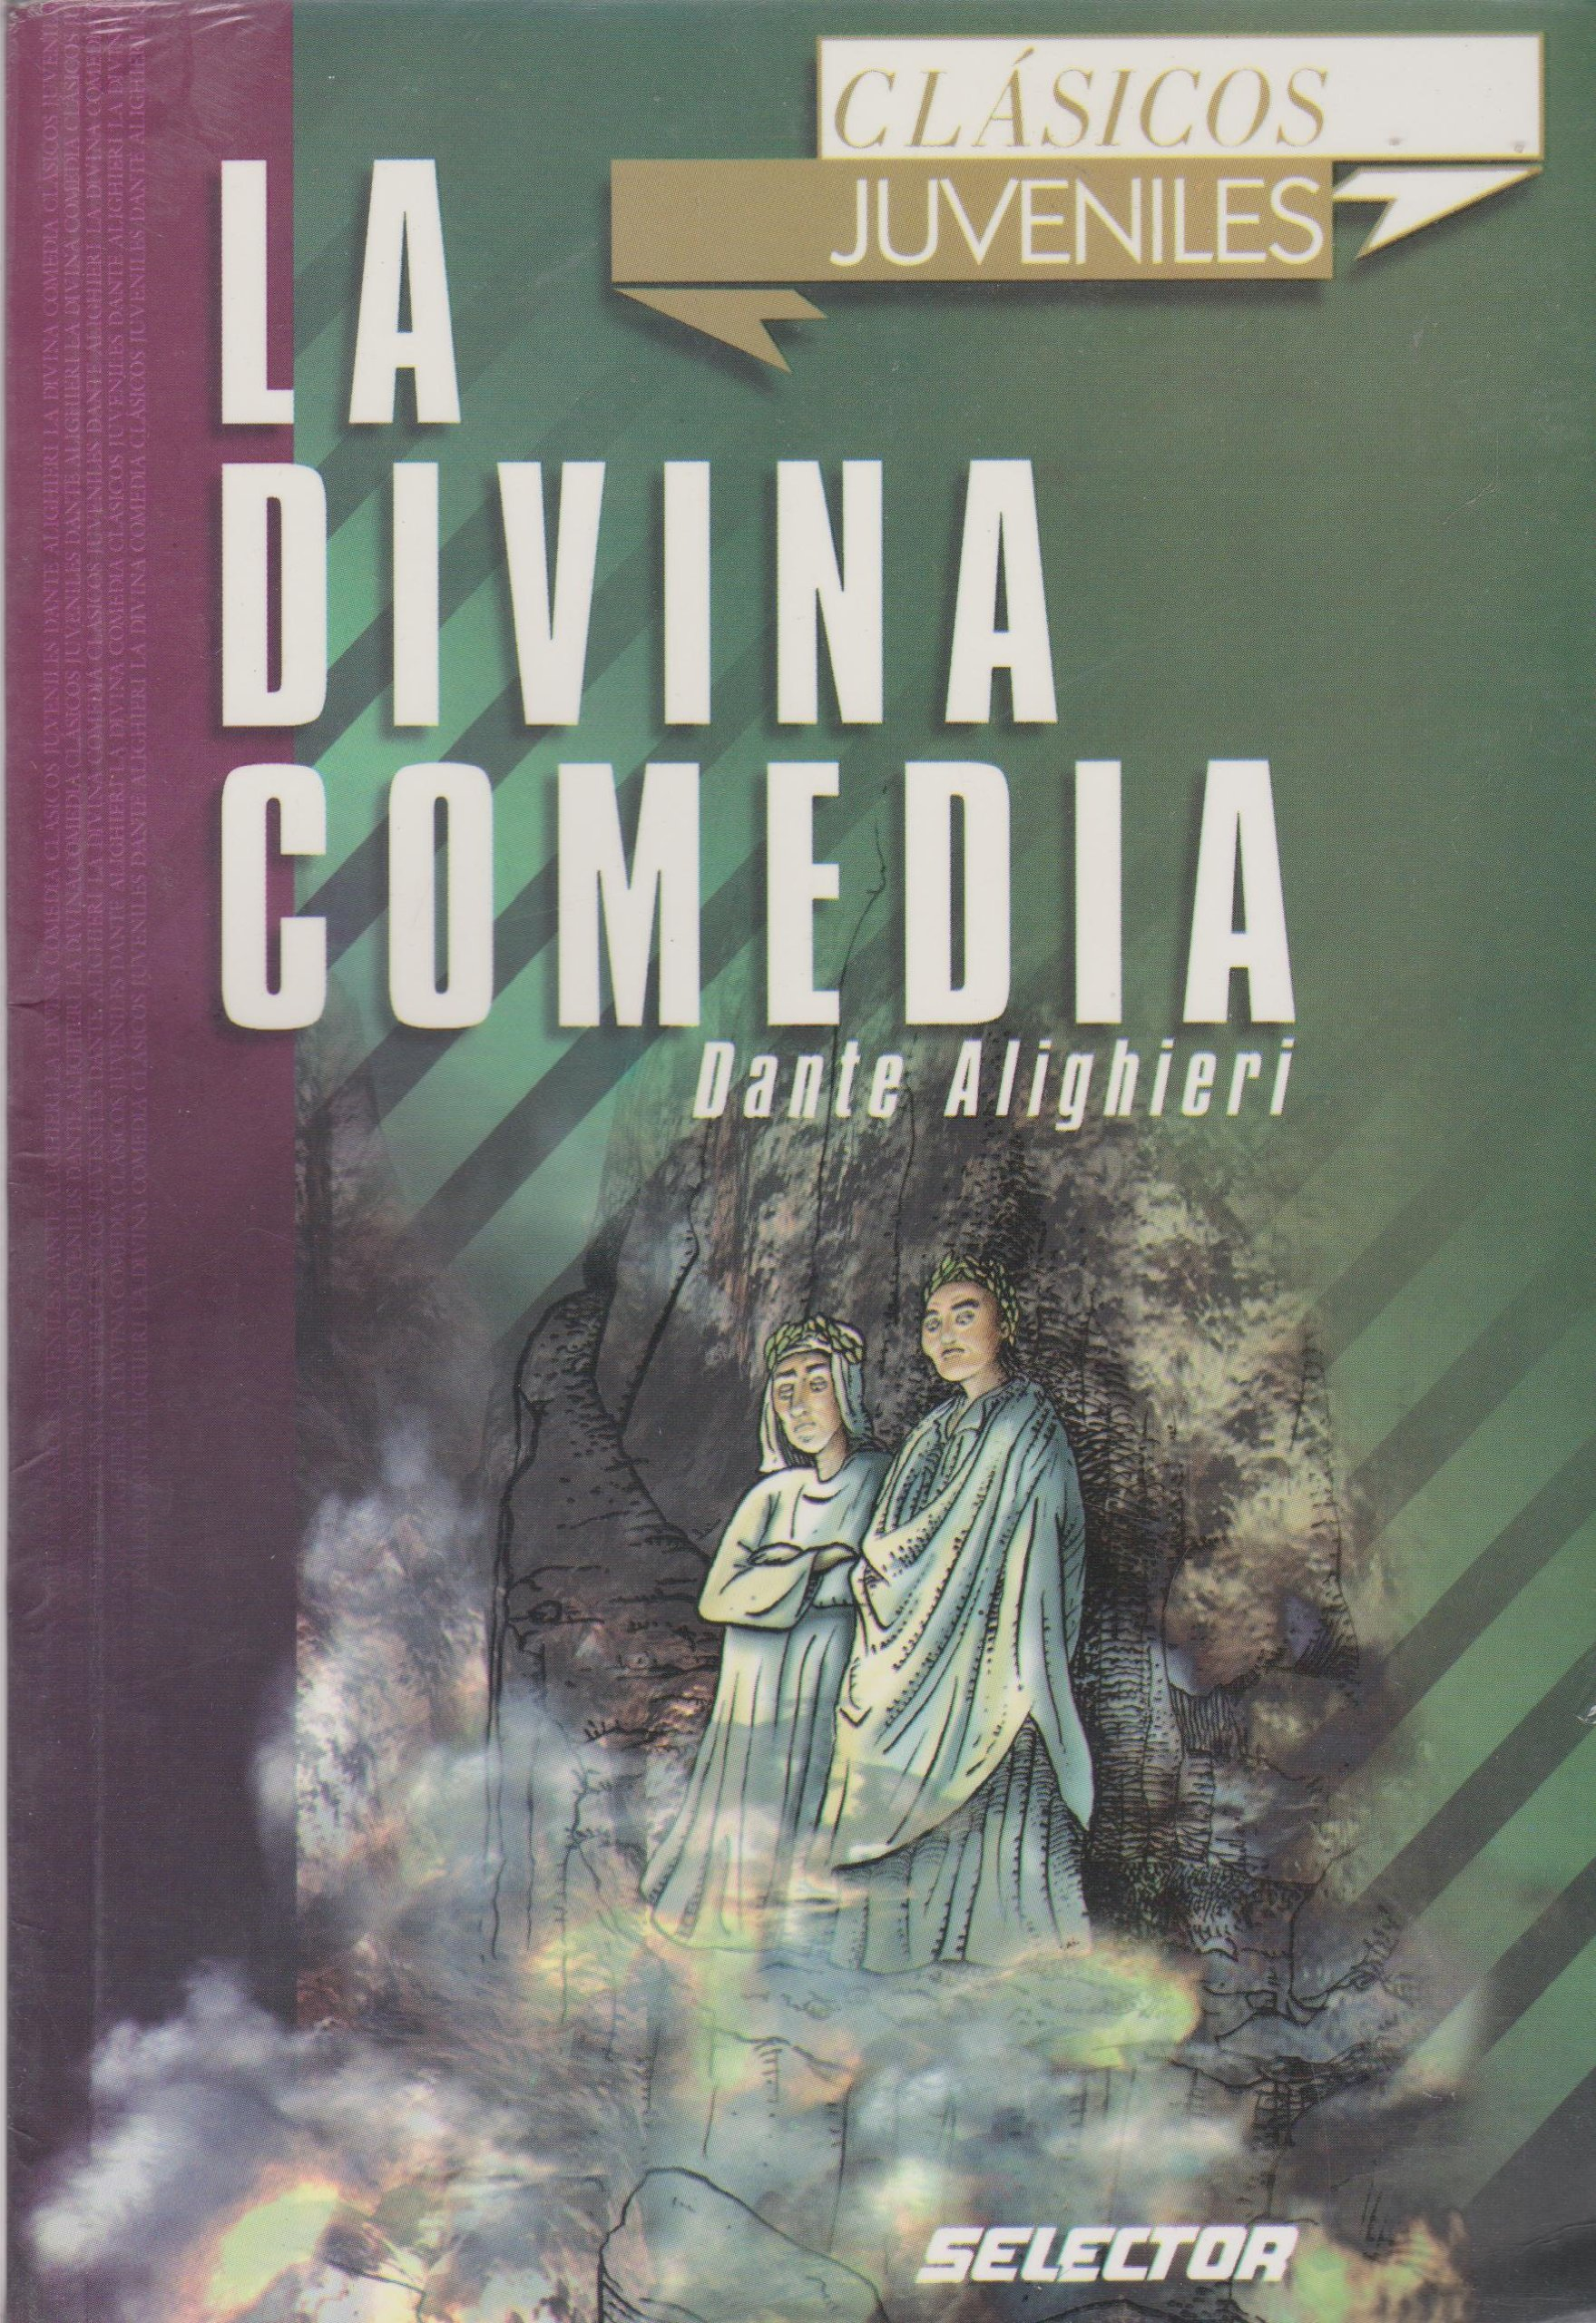 La Divina Comedia / The Divine Comedy Clasicos juveniles: Amazon.es: Dante Alighieri, Francisco Jose Fernandez Defez: Libros